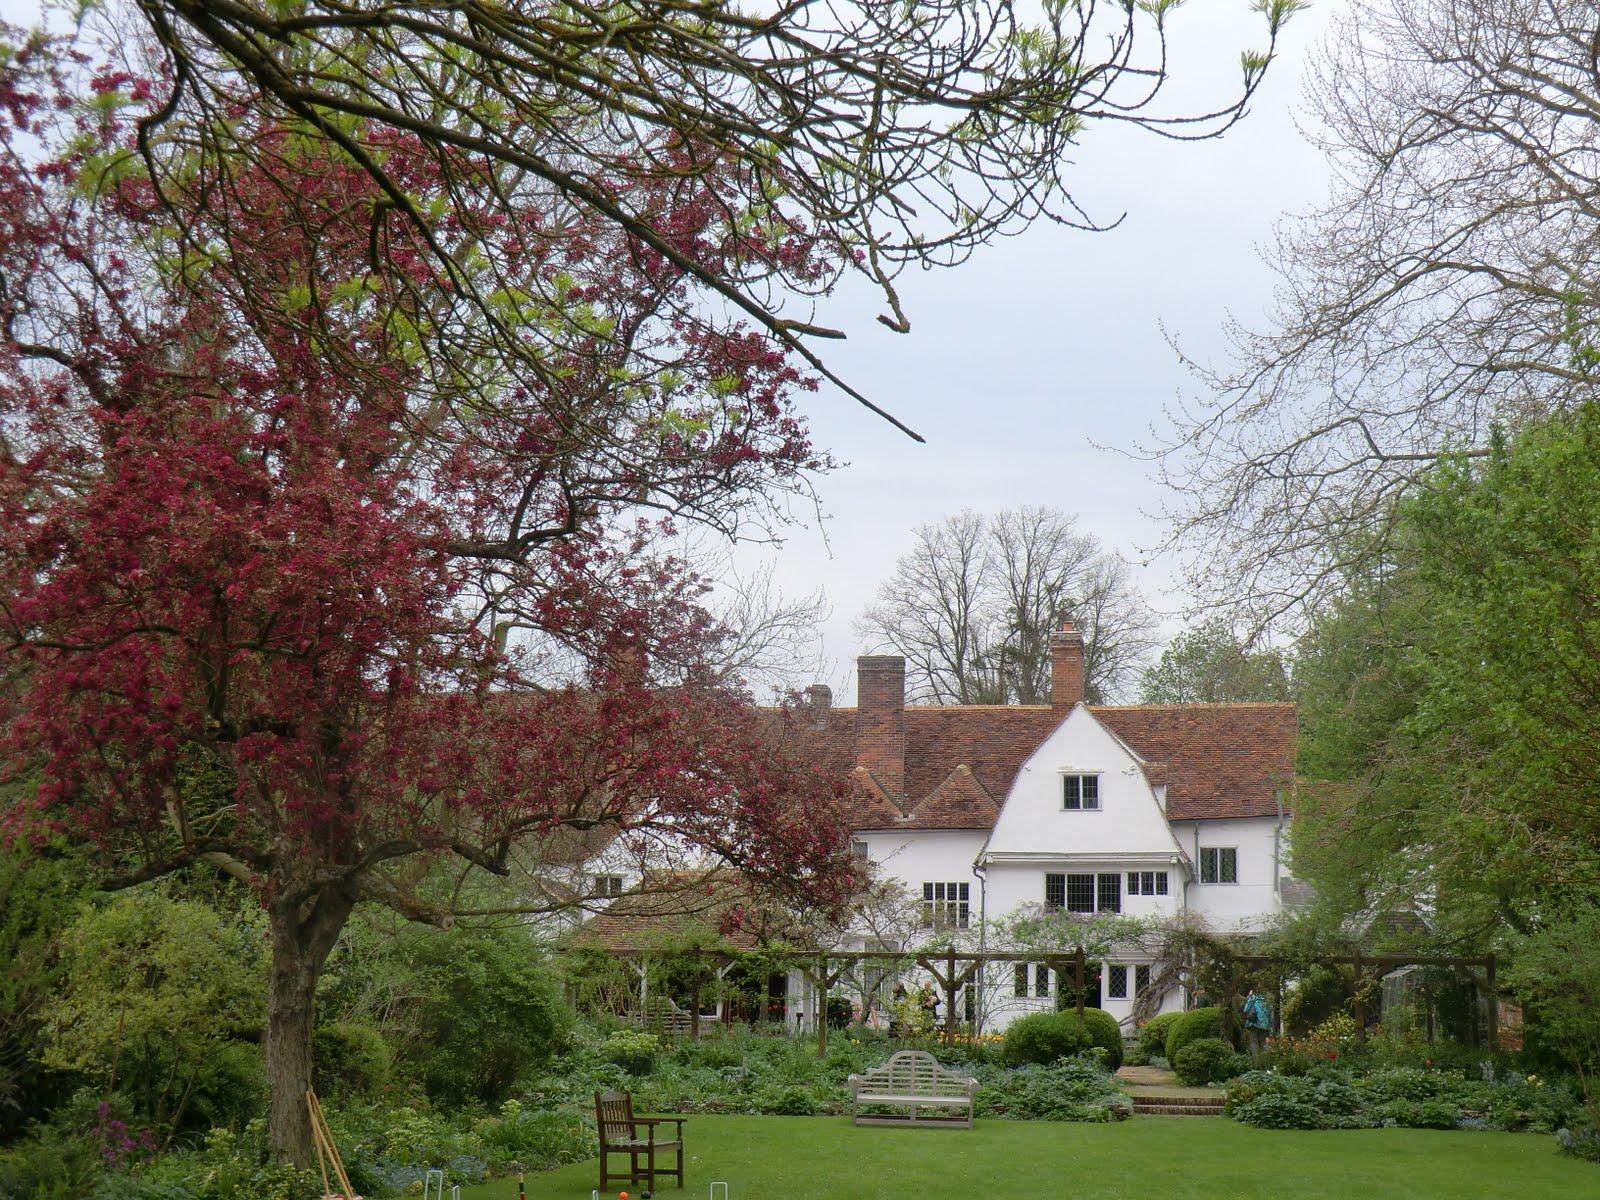 CIMG0423 Paycocke's garden